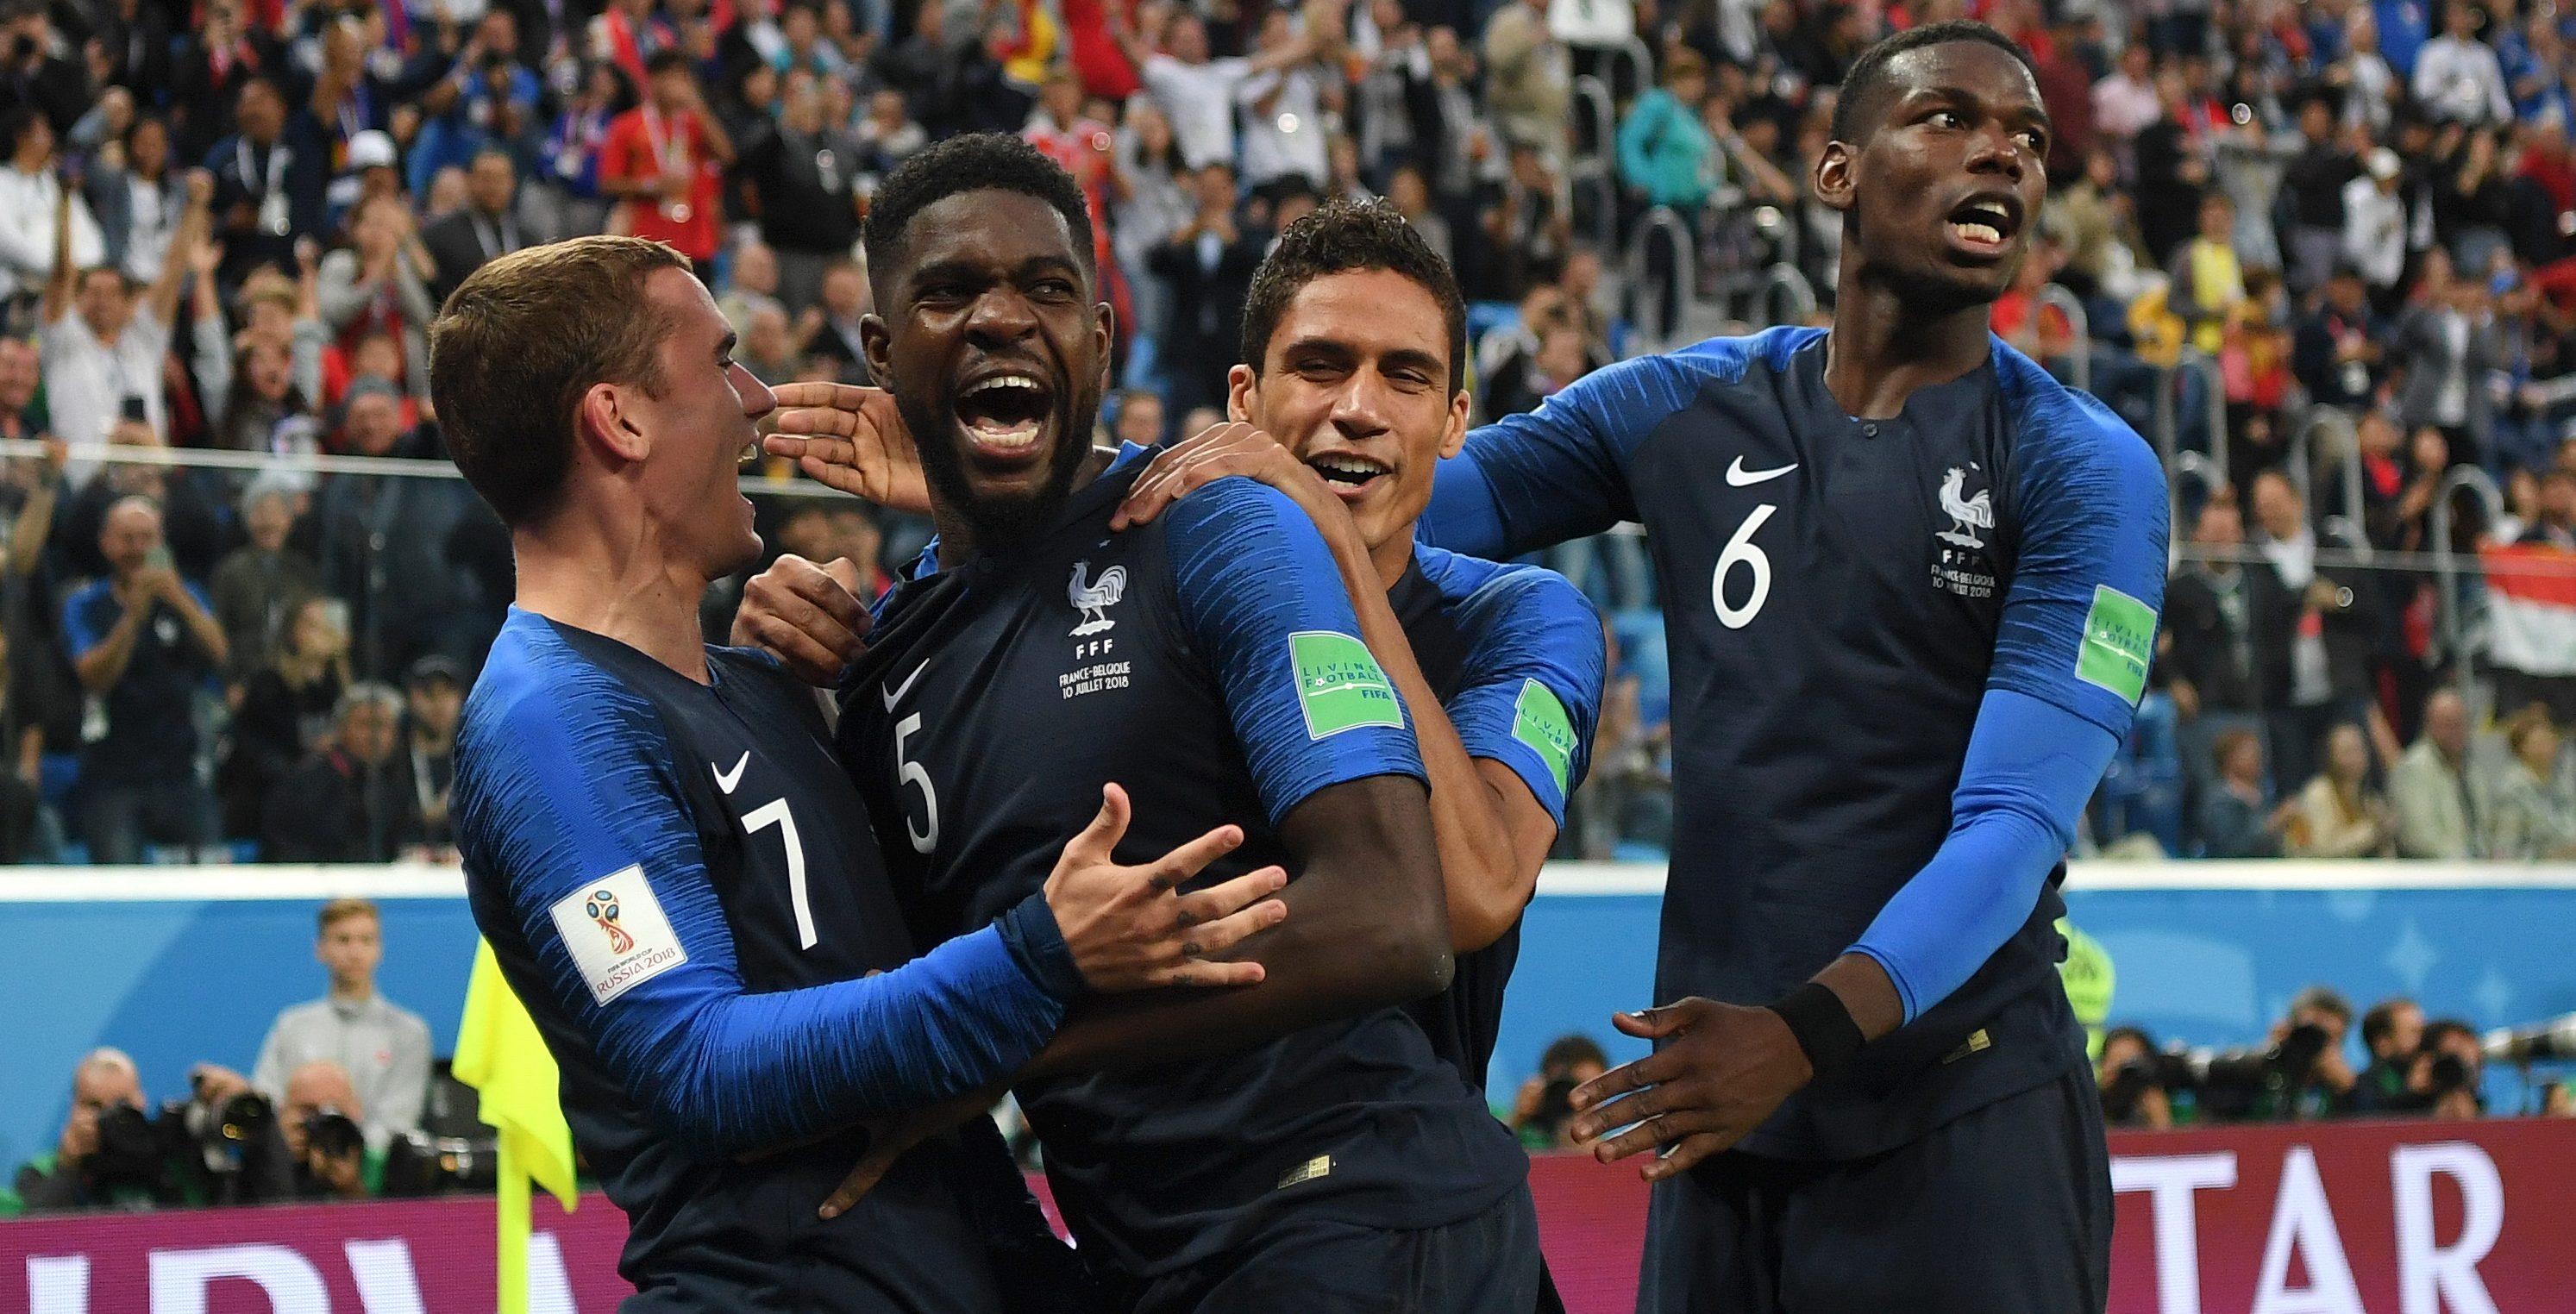 Filtran playera de Francia Campeón antes de la final de Rusia 2018